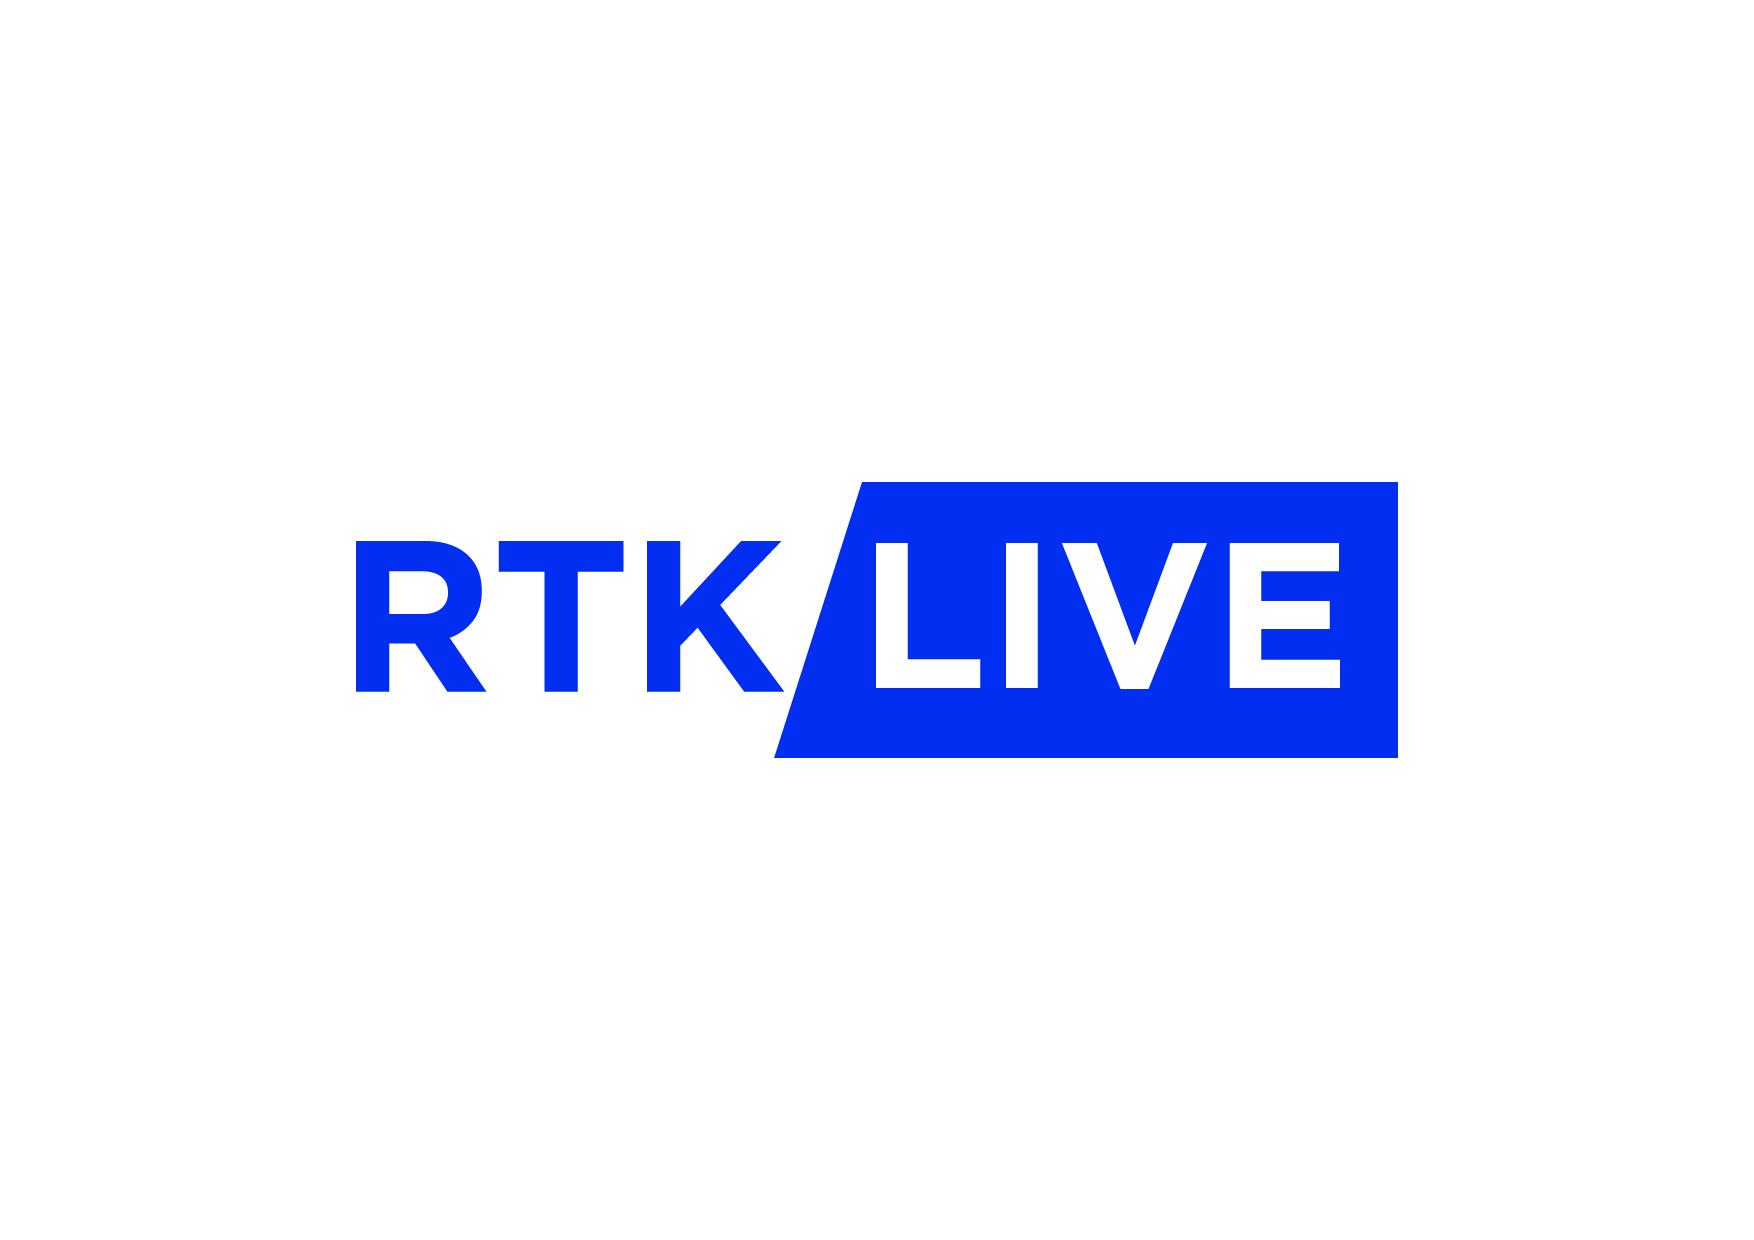 Këshilli i Mediave: RTK-ja po nxitë urrejtje - Gazeta